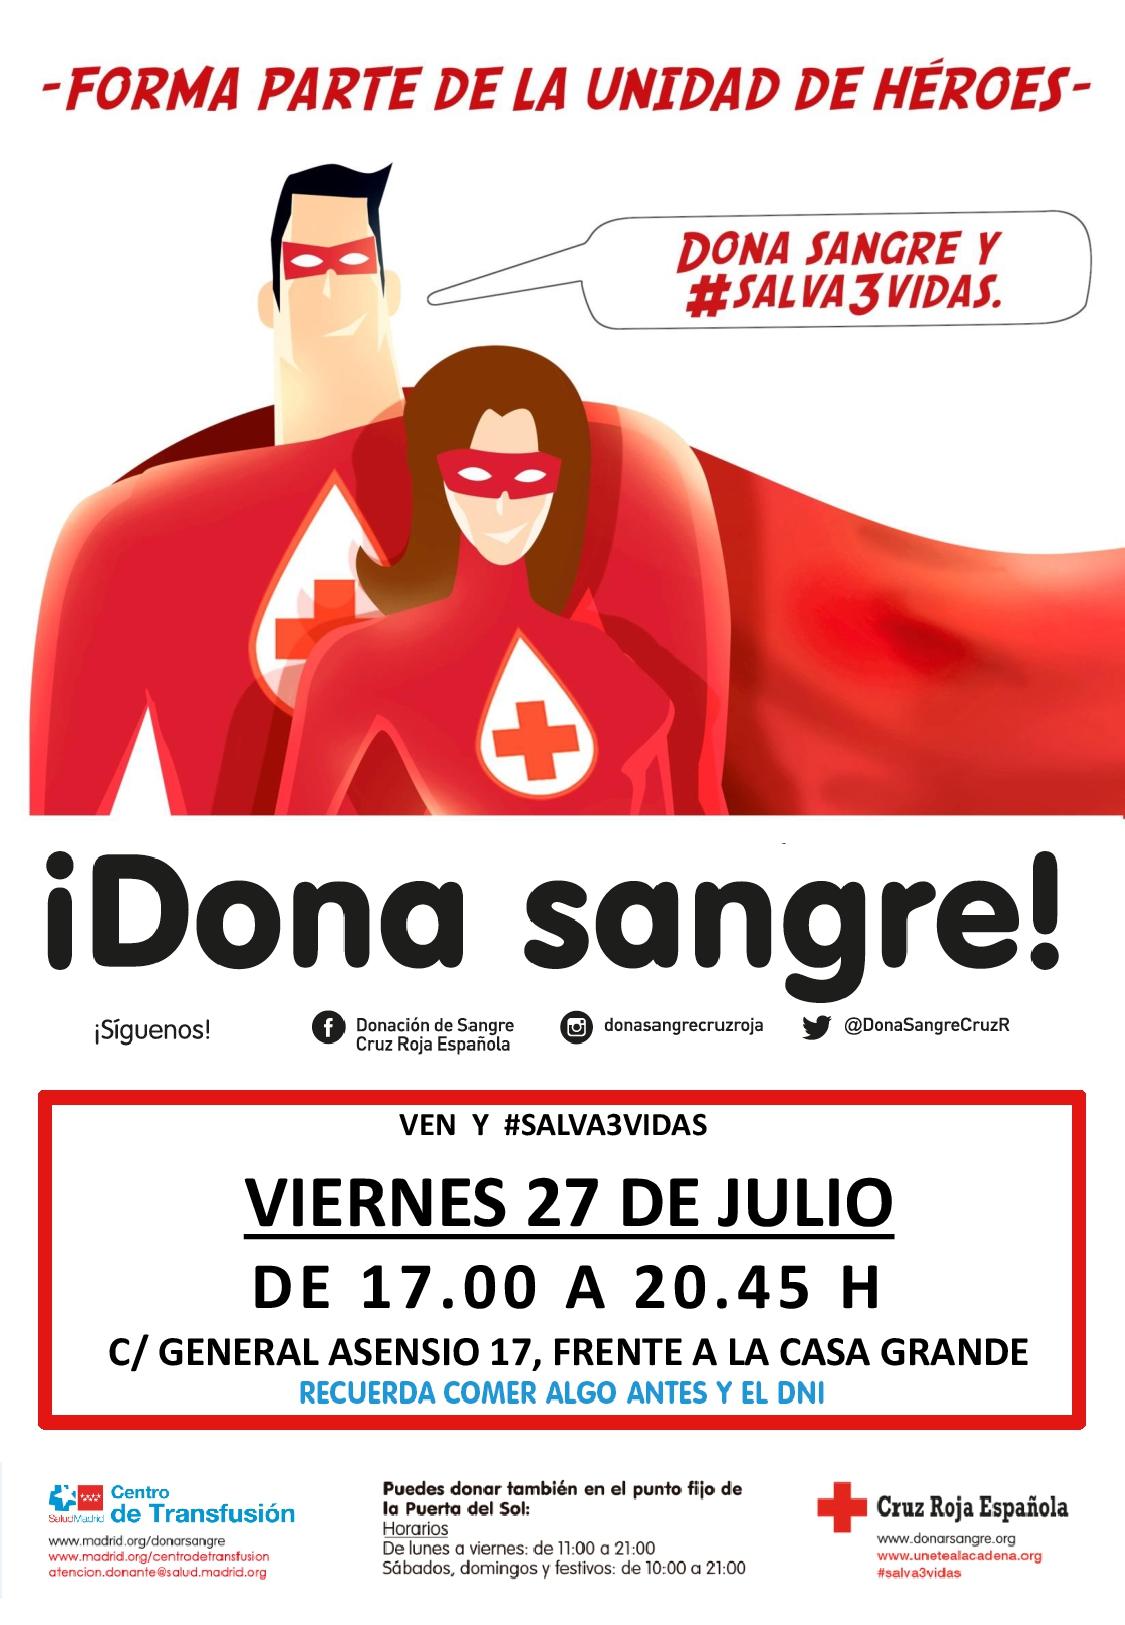 Autobús de Donación de Sangre - Cruz Roja Española @ Calle General Asensio, 17